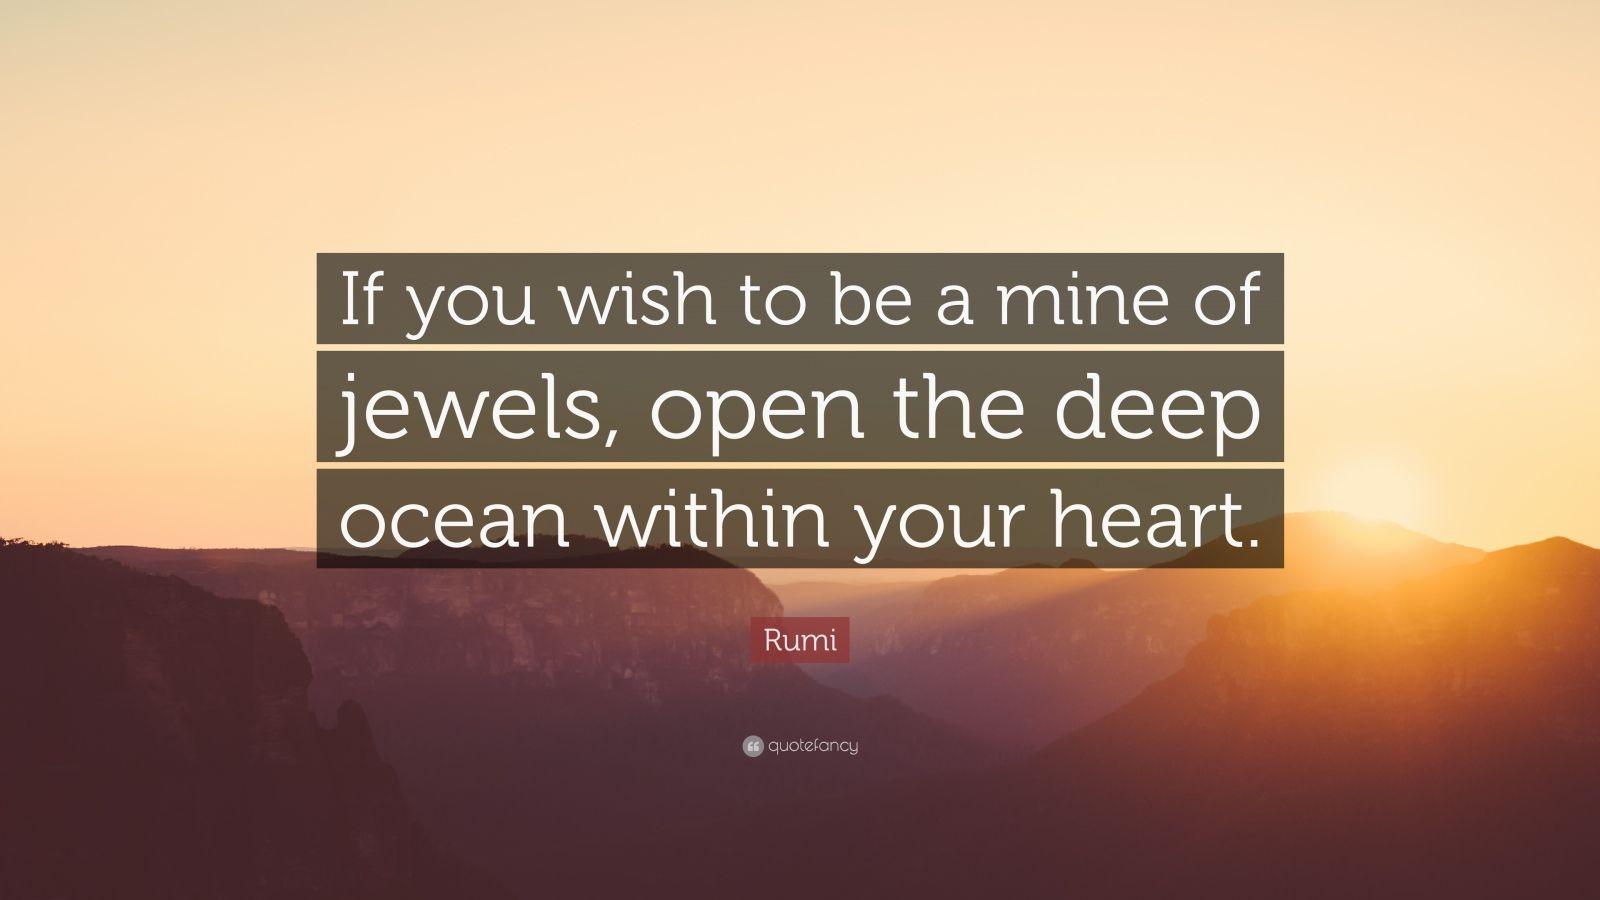 Rumi Quotes 100 Wallpapers Quotefancy